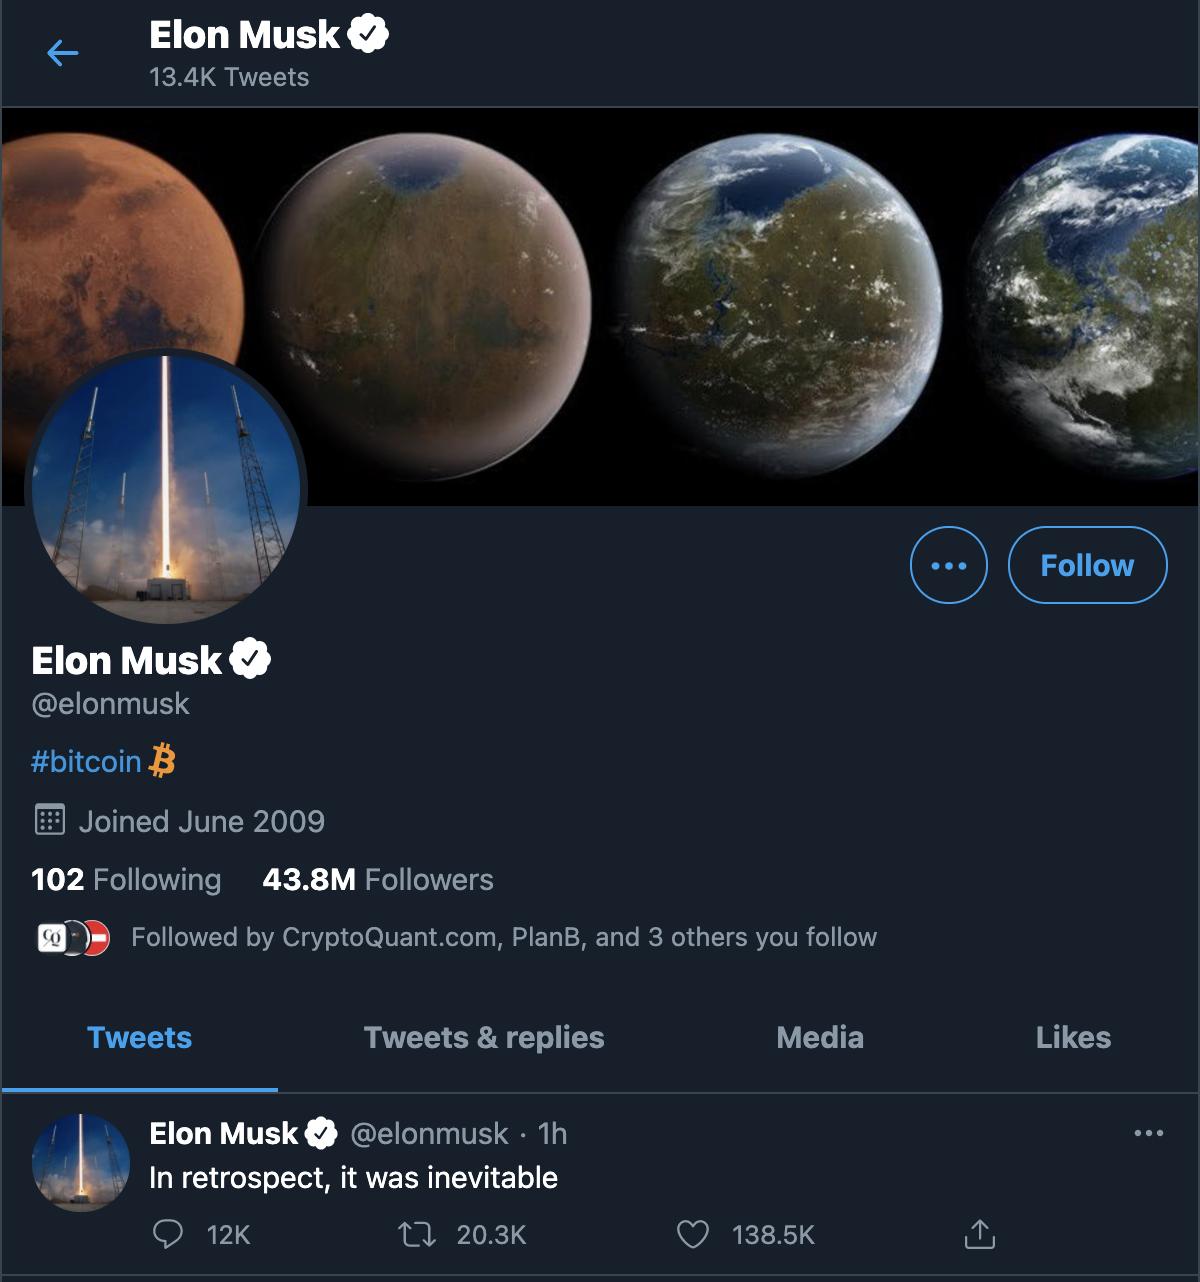 Elon Musk's Twitter by Twitter